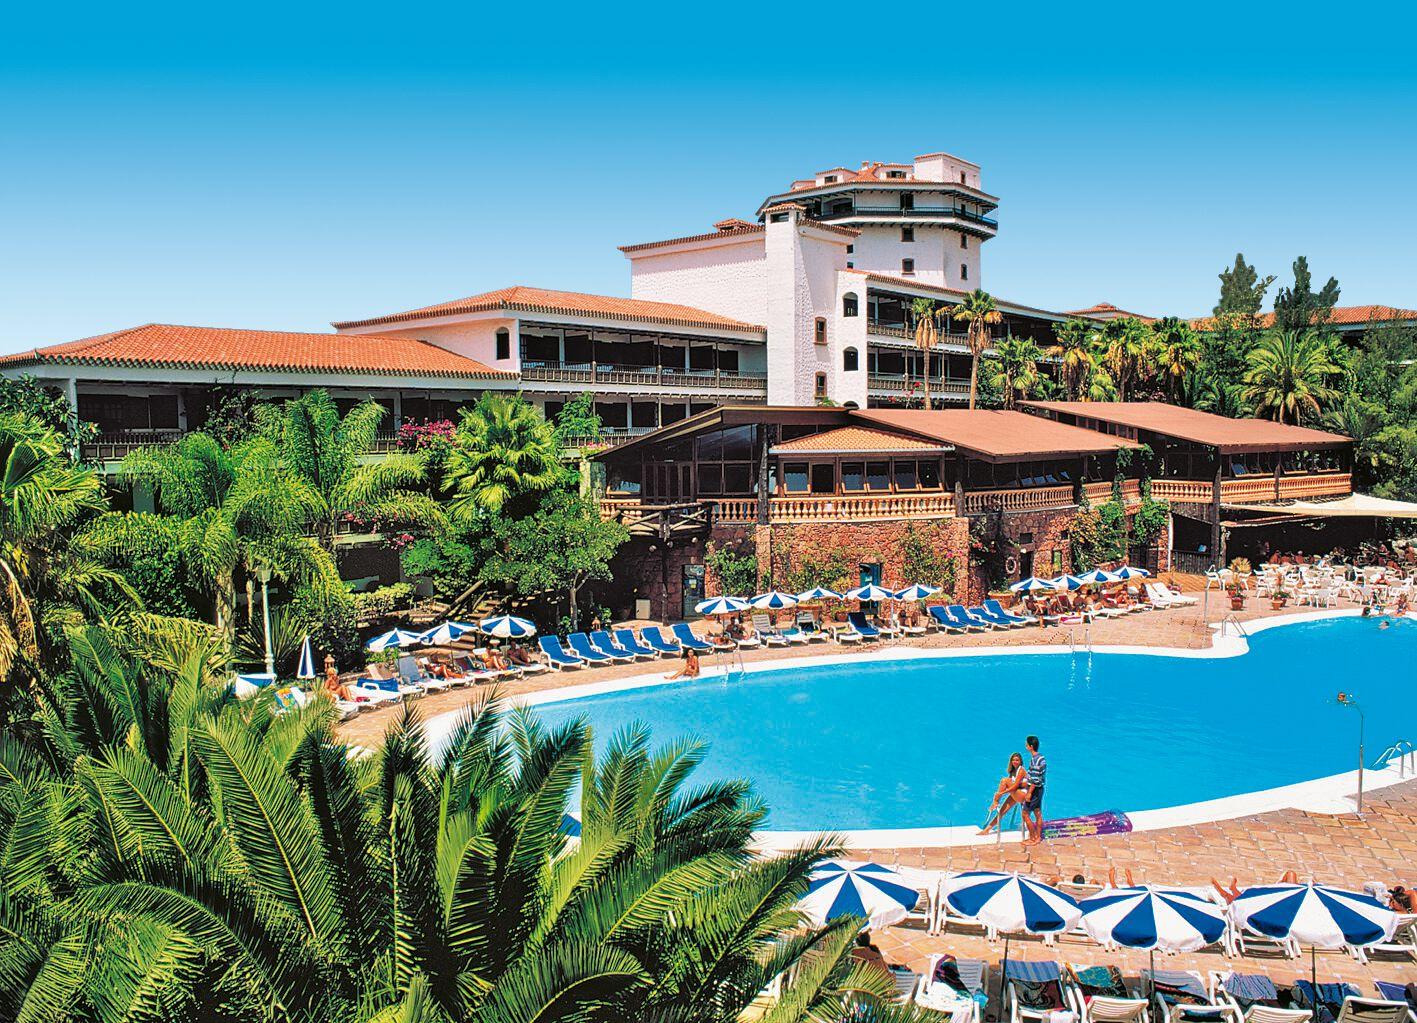 Séjour Las Palmas - Parque Tropical - 4*